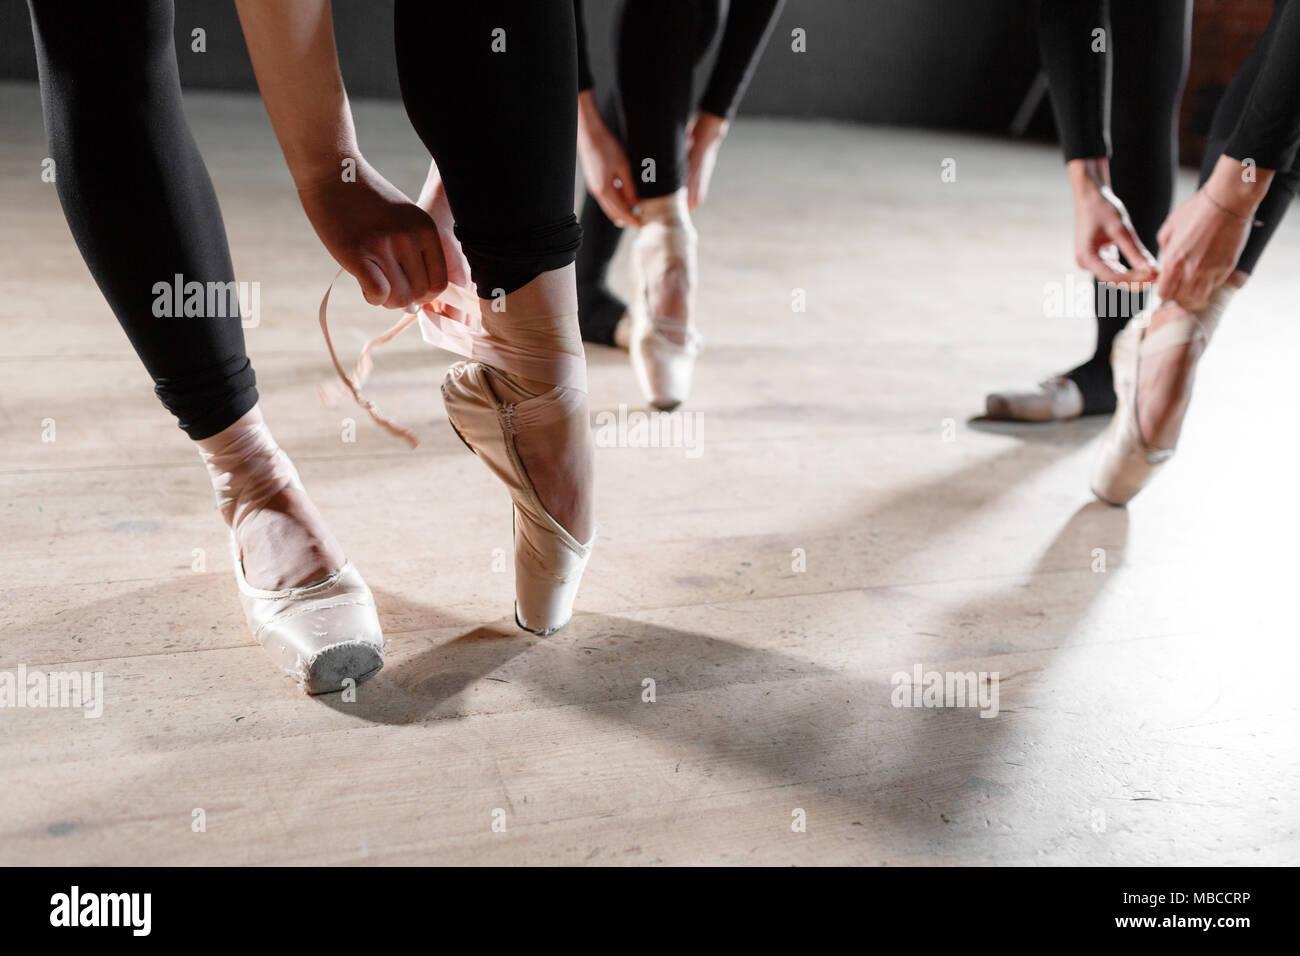 Il concetto di balletto. Pointe scarpe vicino. Ballerina giovani ragazze. Donne alla prova in bianco e nero body. Preparare una performance teatrale Immagini Stock